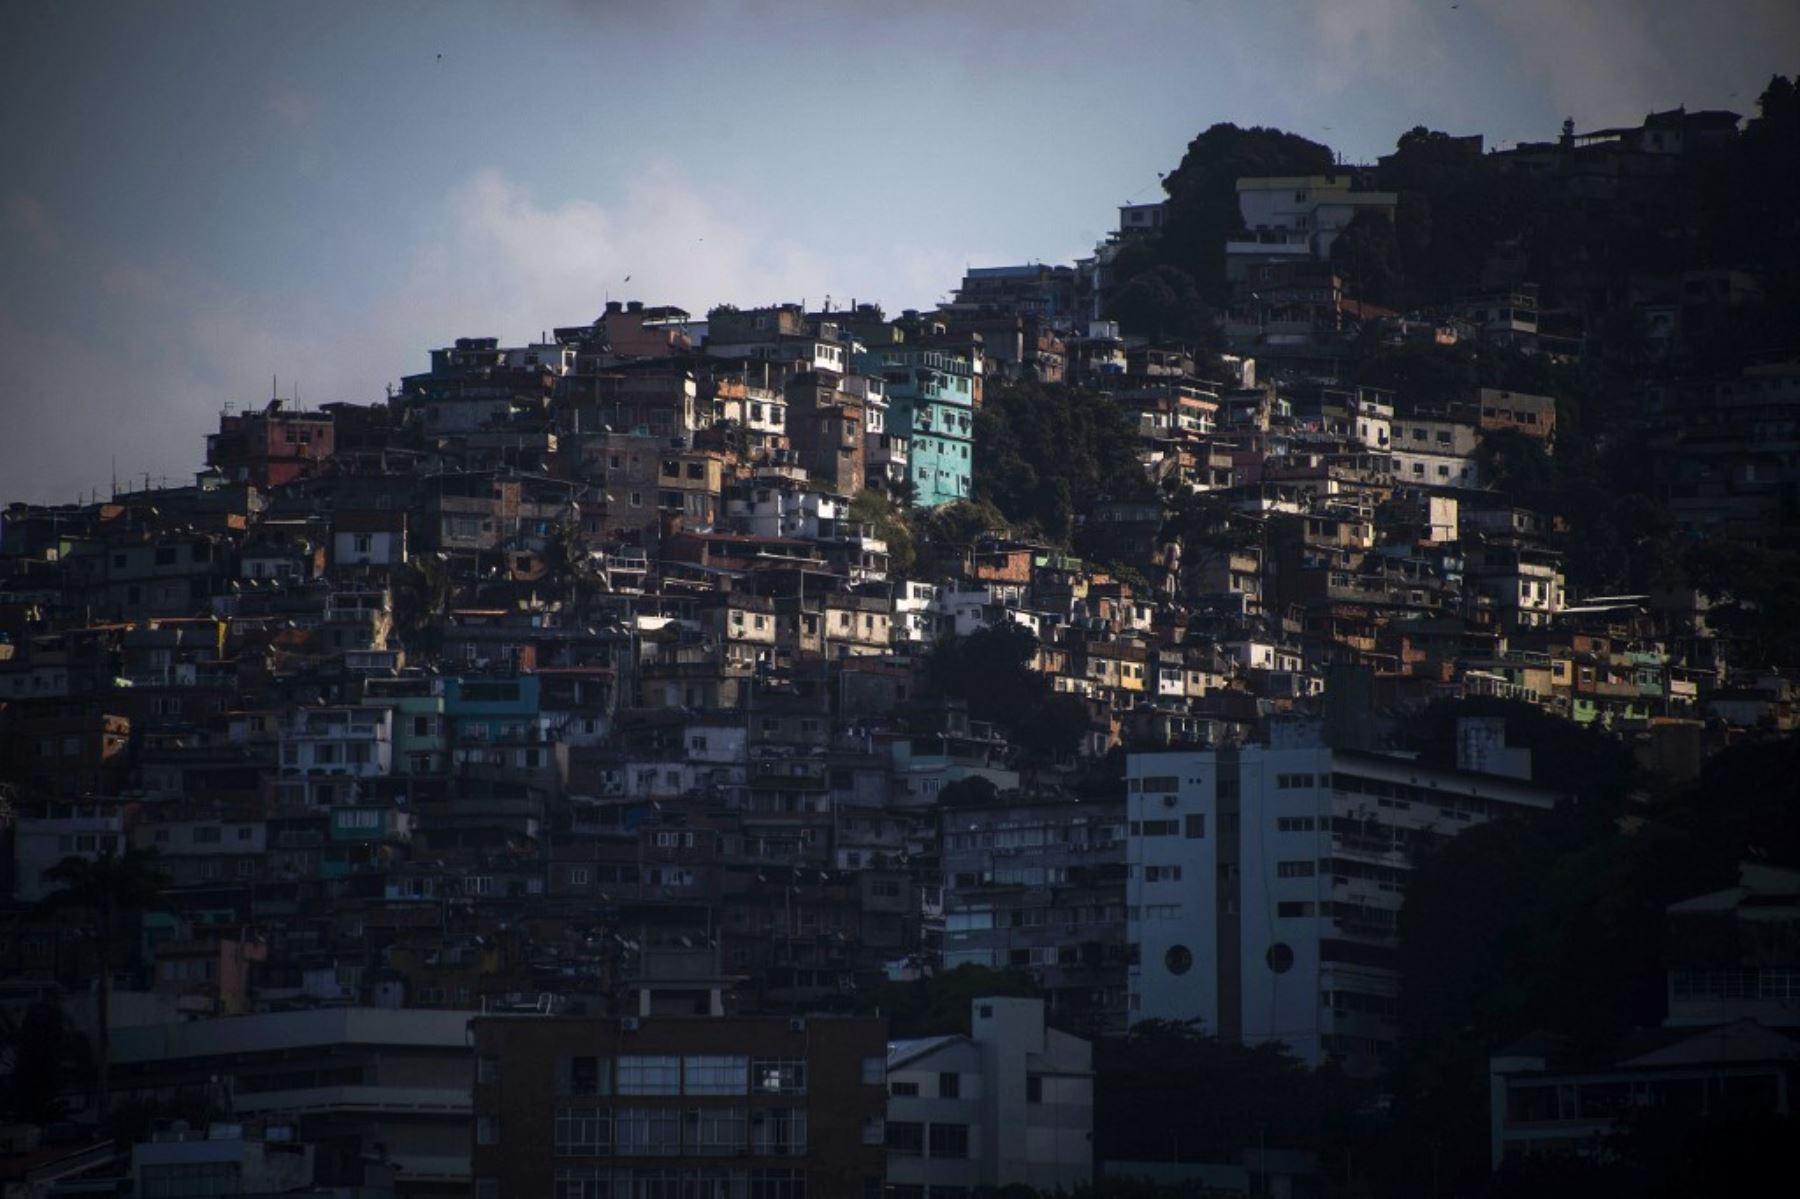 Vista de la favela Vidigal en el estado de Río de Janeiro, Brasil. Foto: AFP